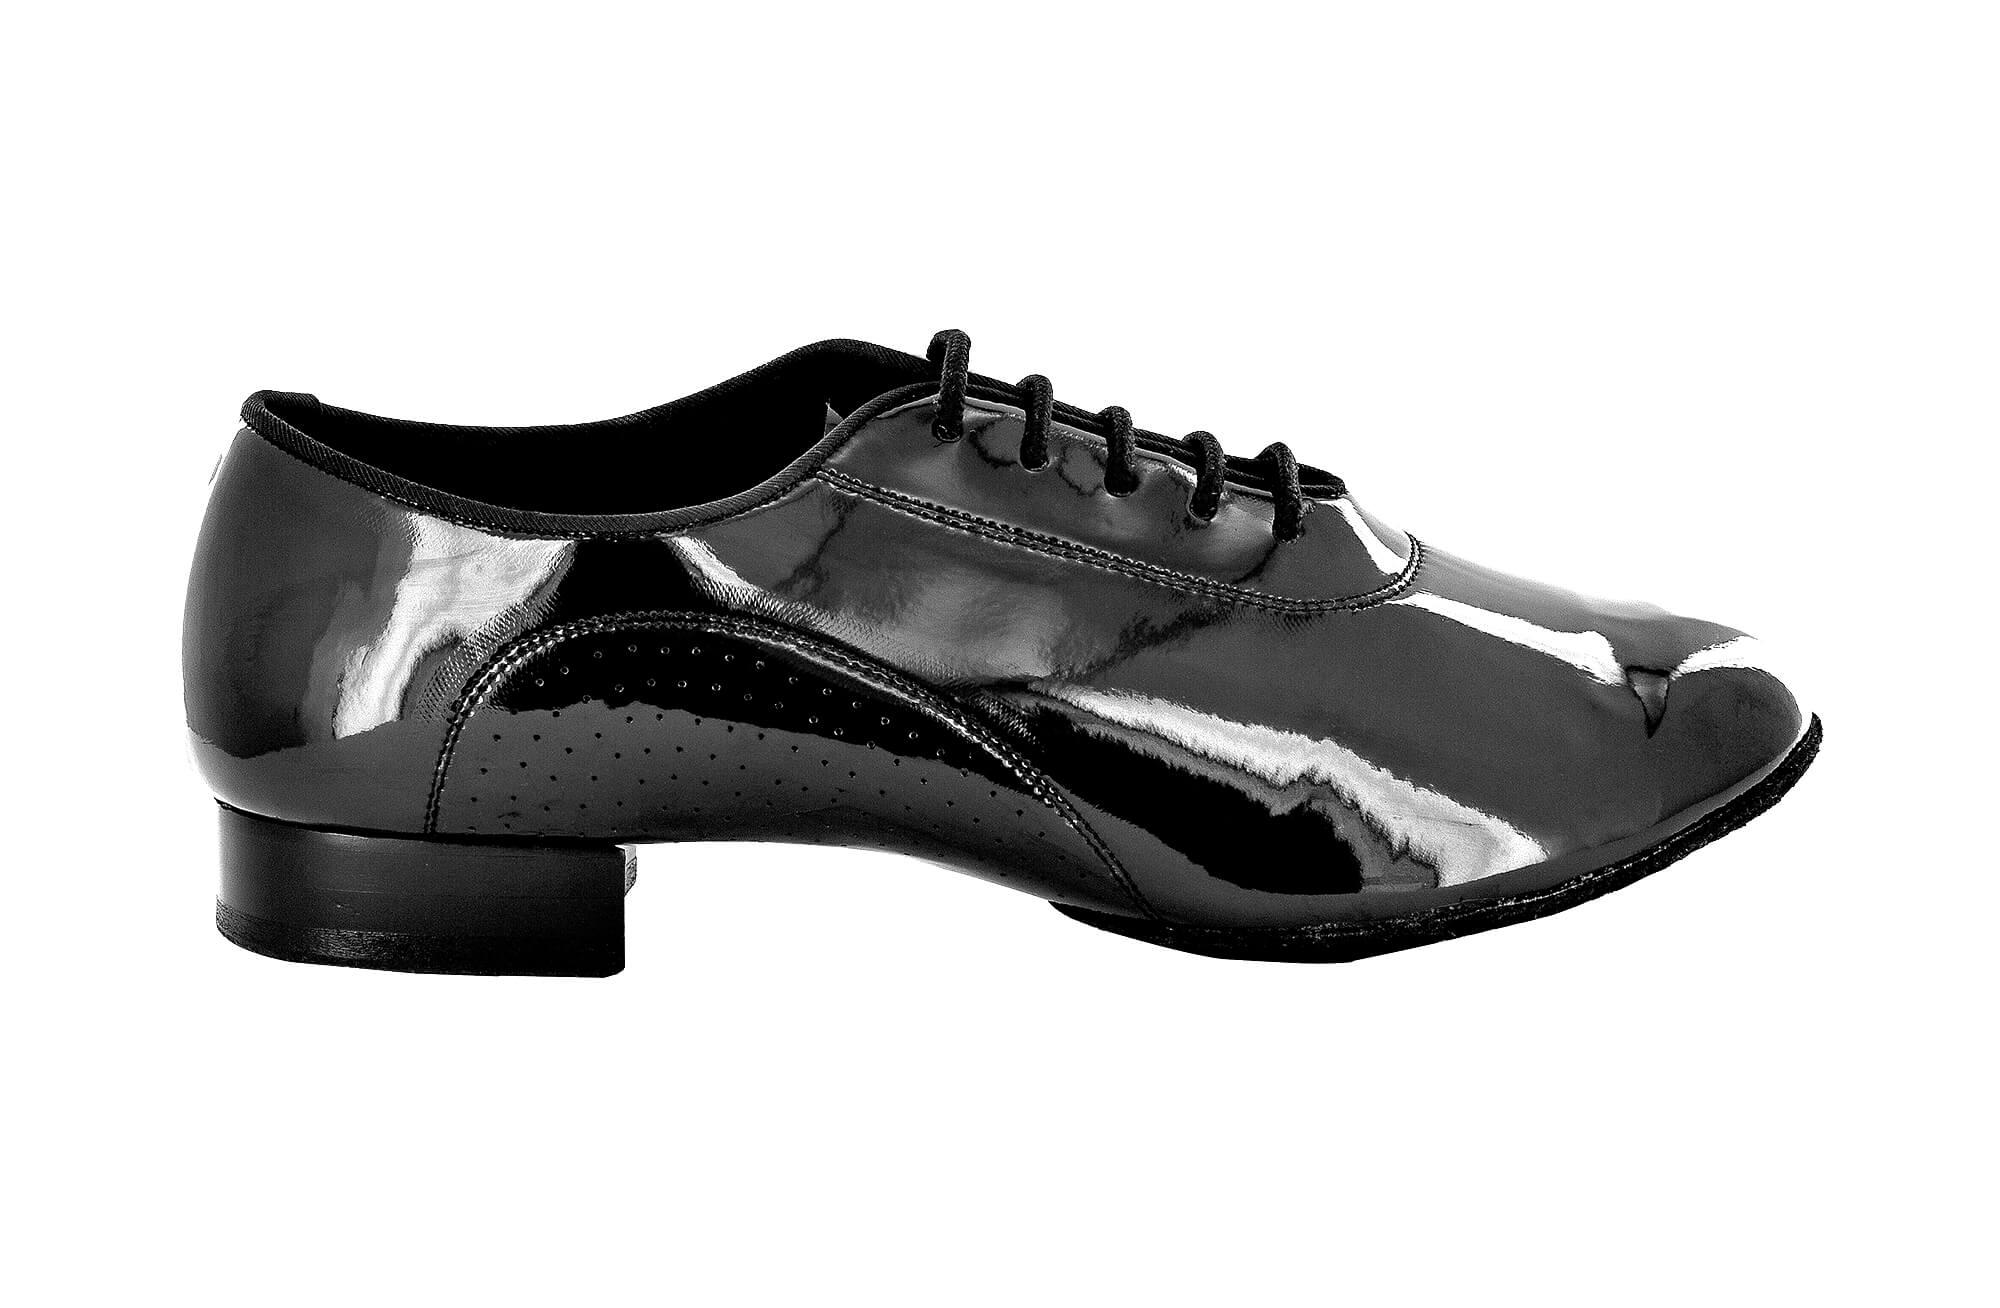 Zapato de baile Danc'in de Charol Negro con Tacón de 2cm 9104